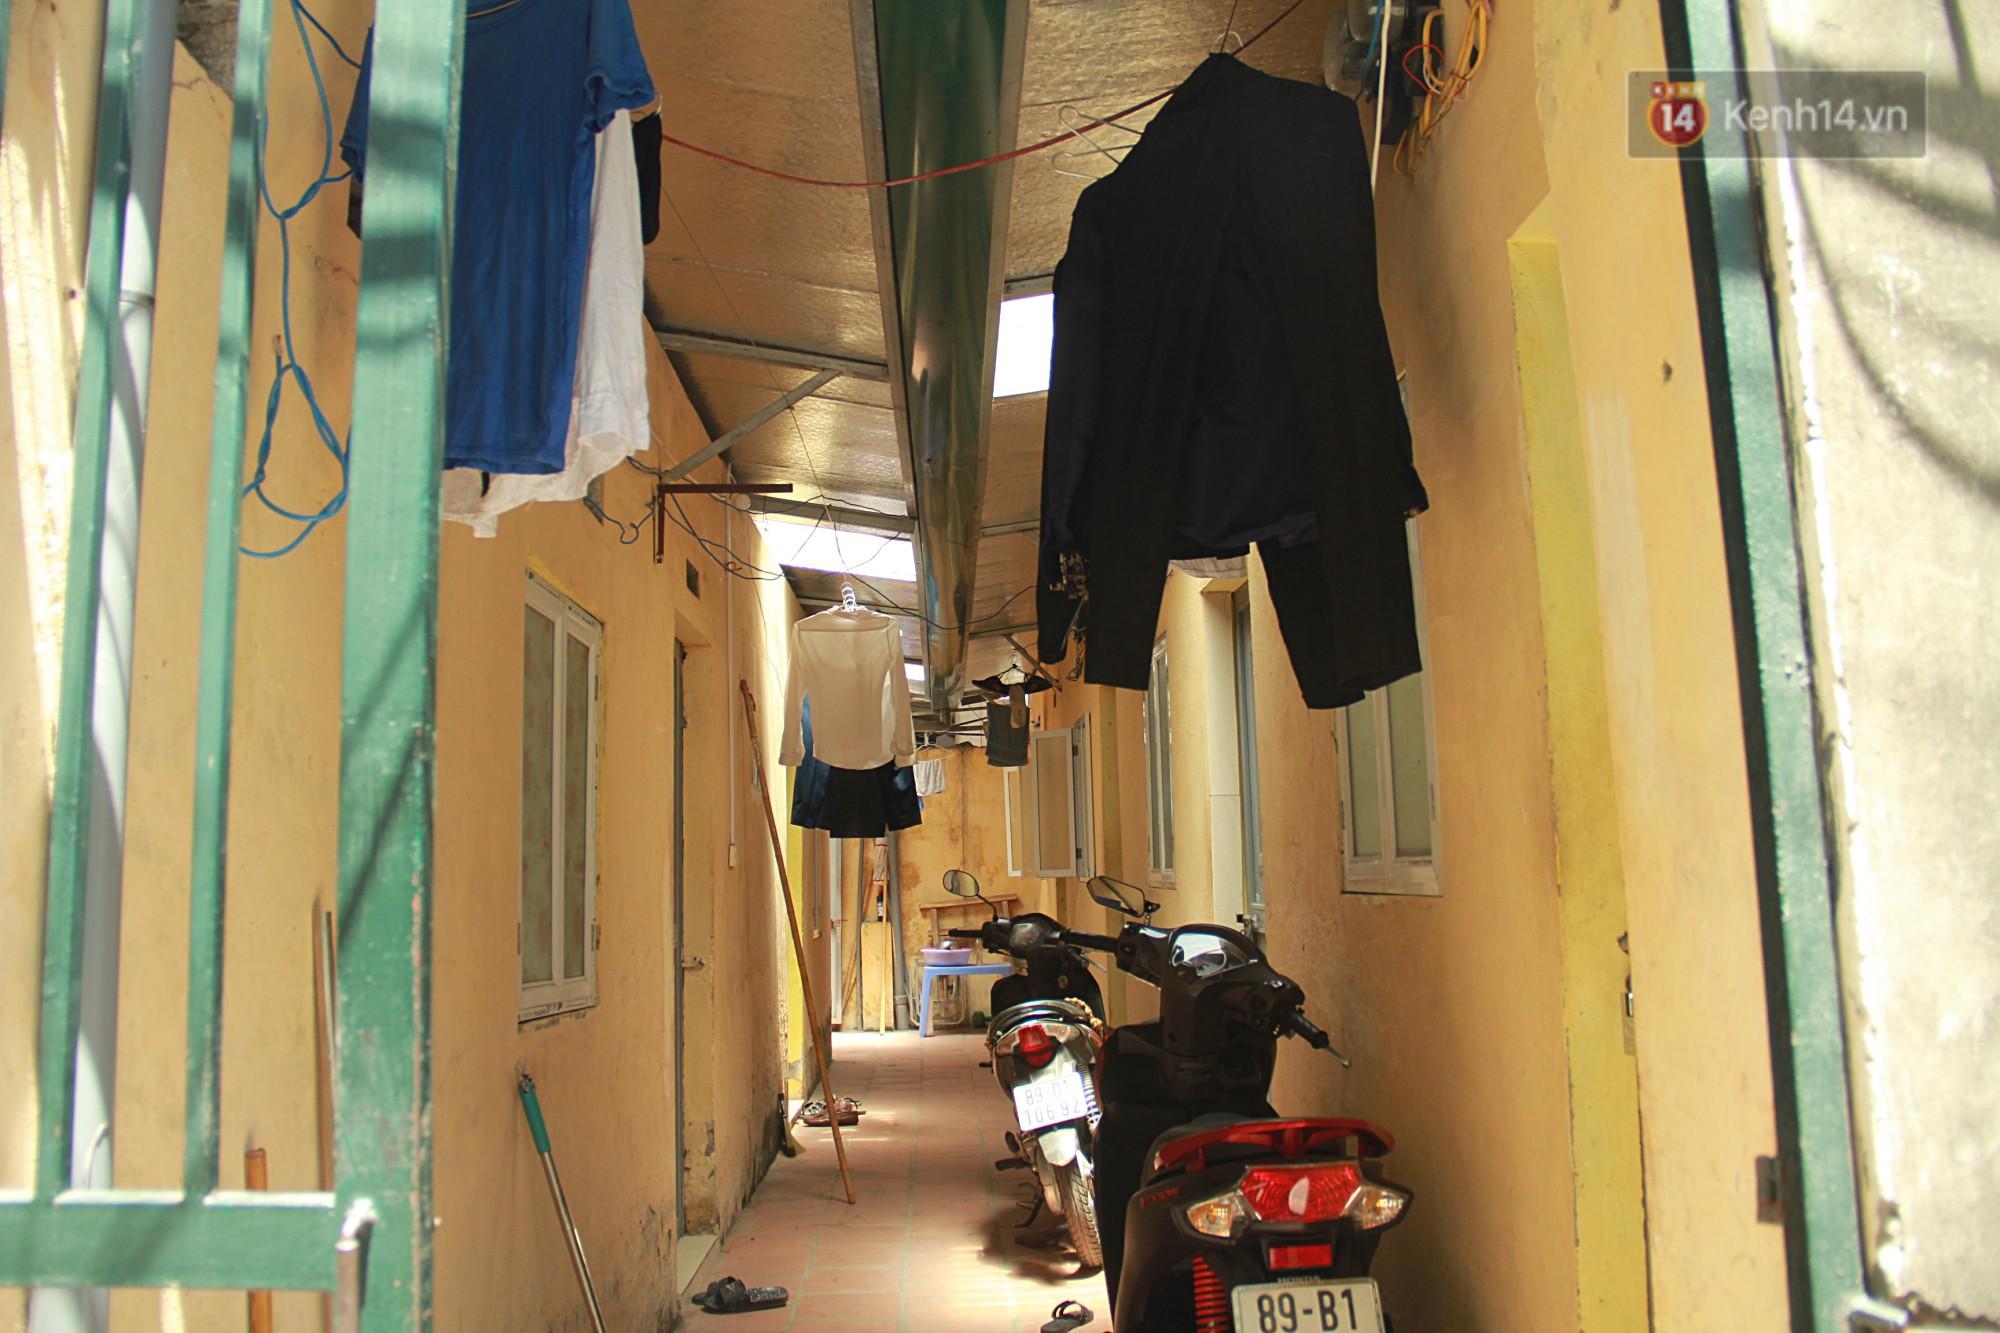 Dân xóm nghèo oằn mình trong những căn phòng trọ lợp mái tôn gần 50 độ C giữa lòng Hà Nội: Cái nóng hầm hập như muốn luộc chín người - Ảnh 6.